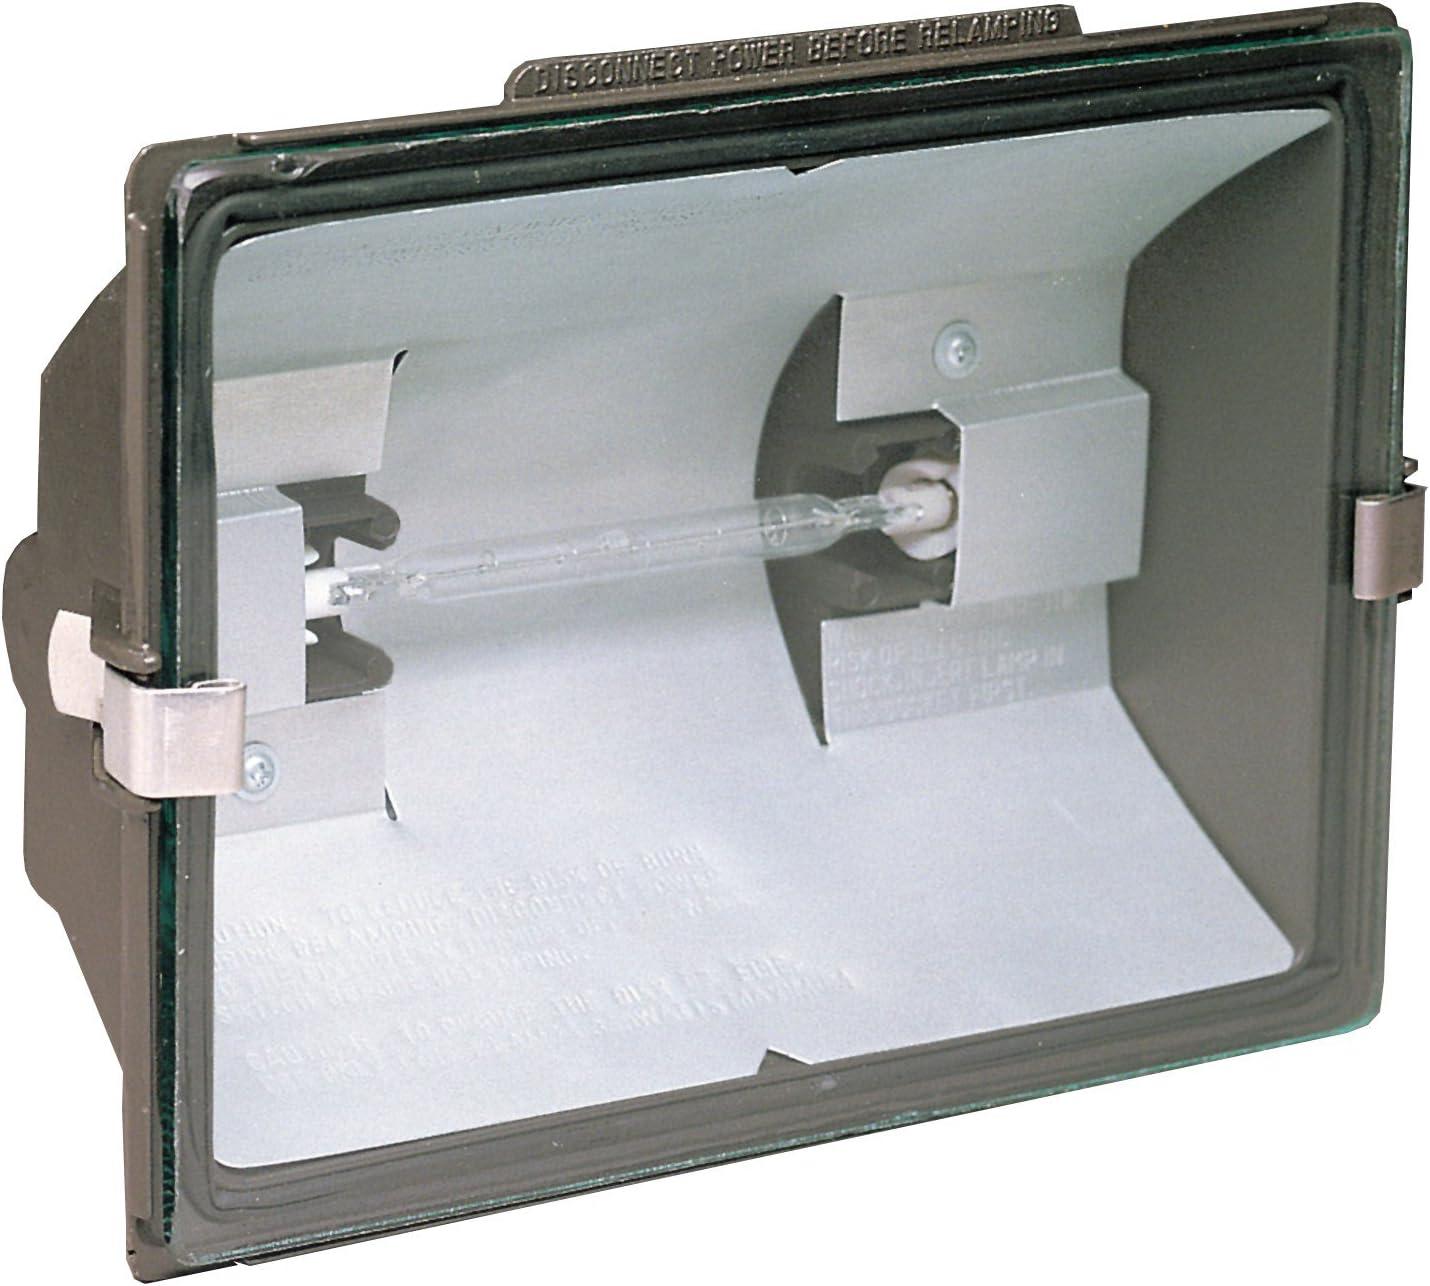 Heathco Excellent HZ-5505-BZ 500 Watt Floodlight 55% OFF Halogen Quartz Bronze